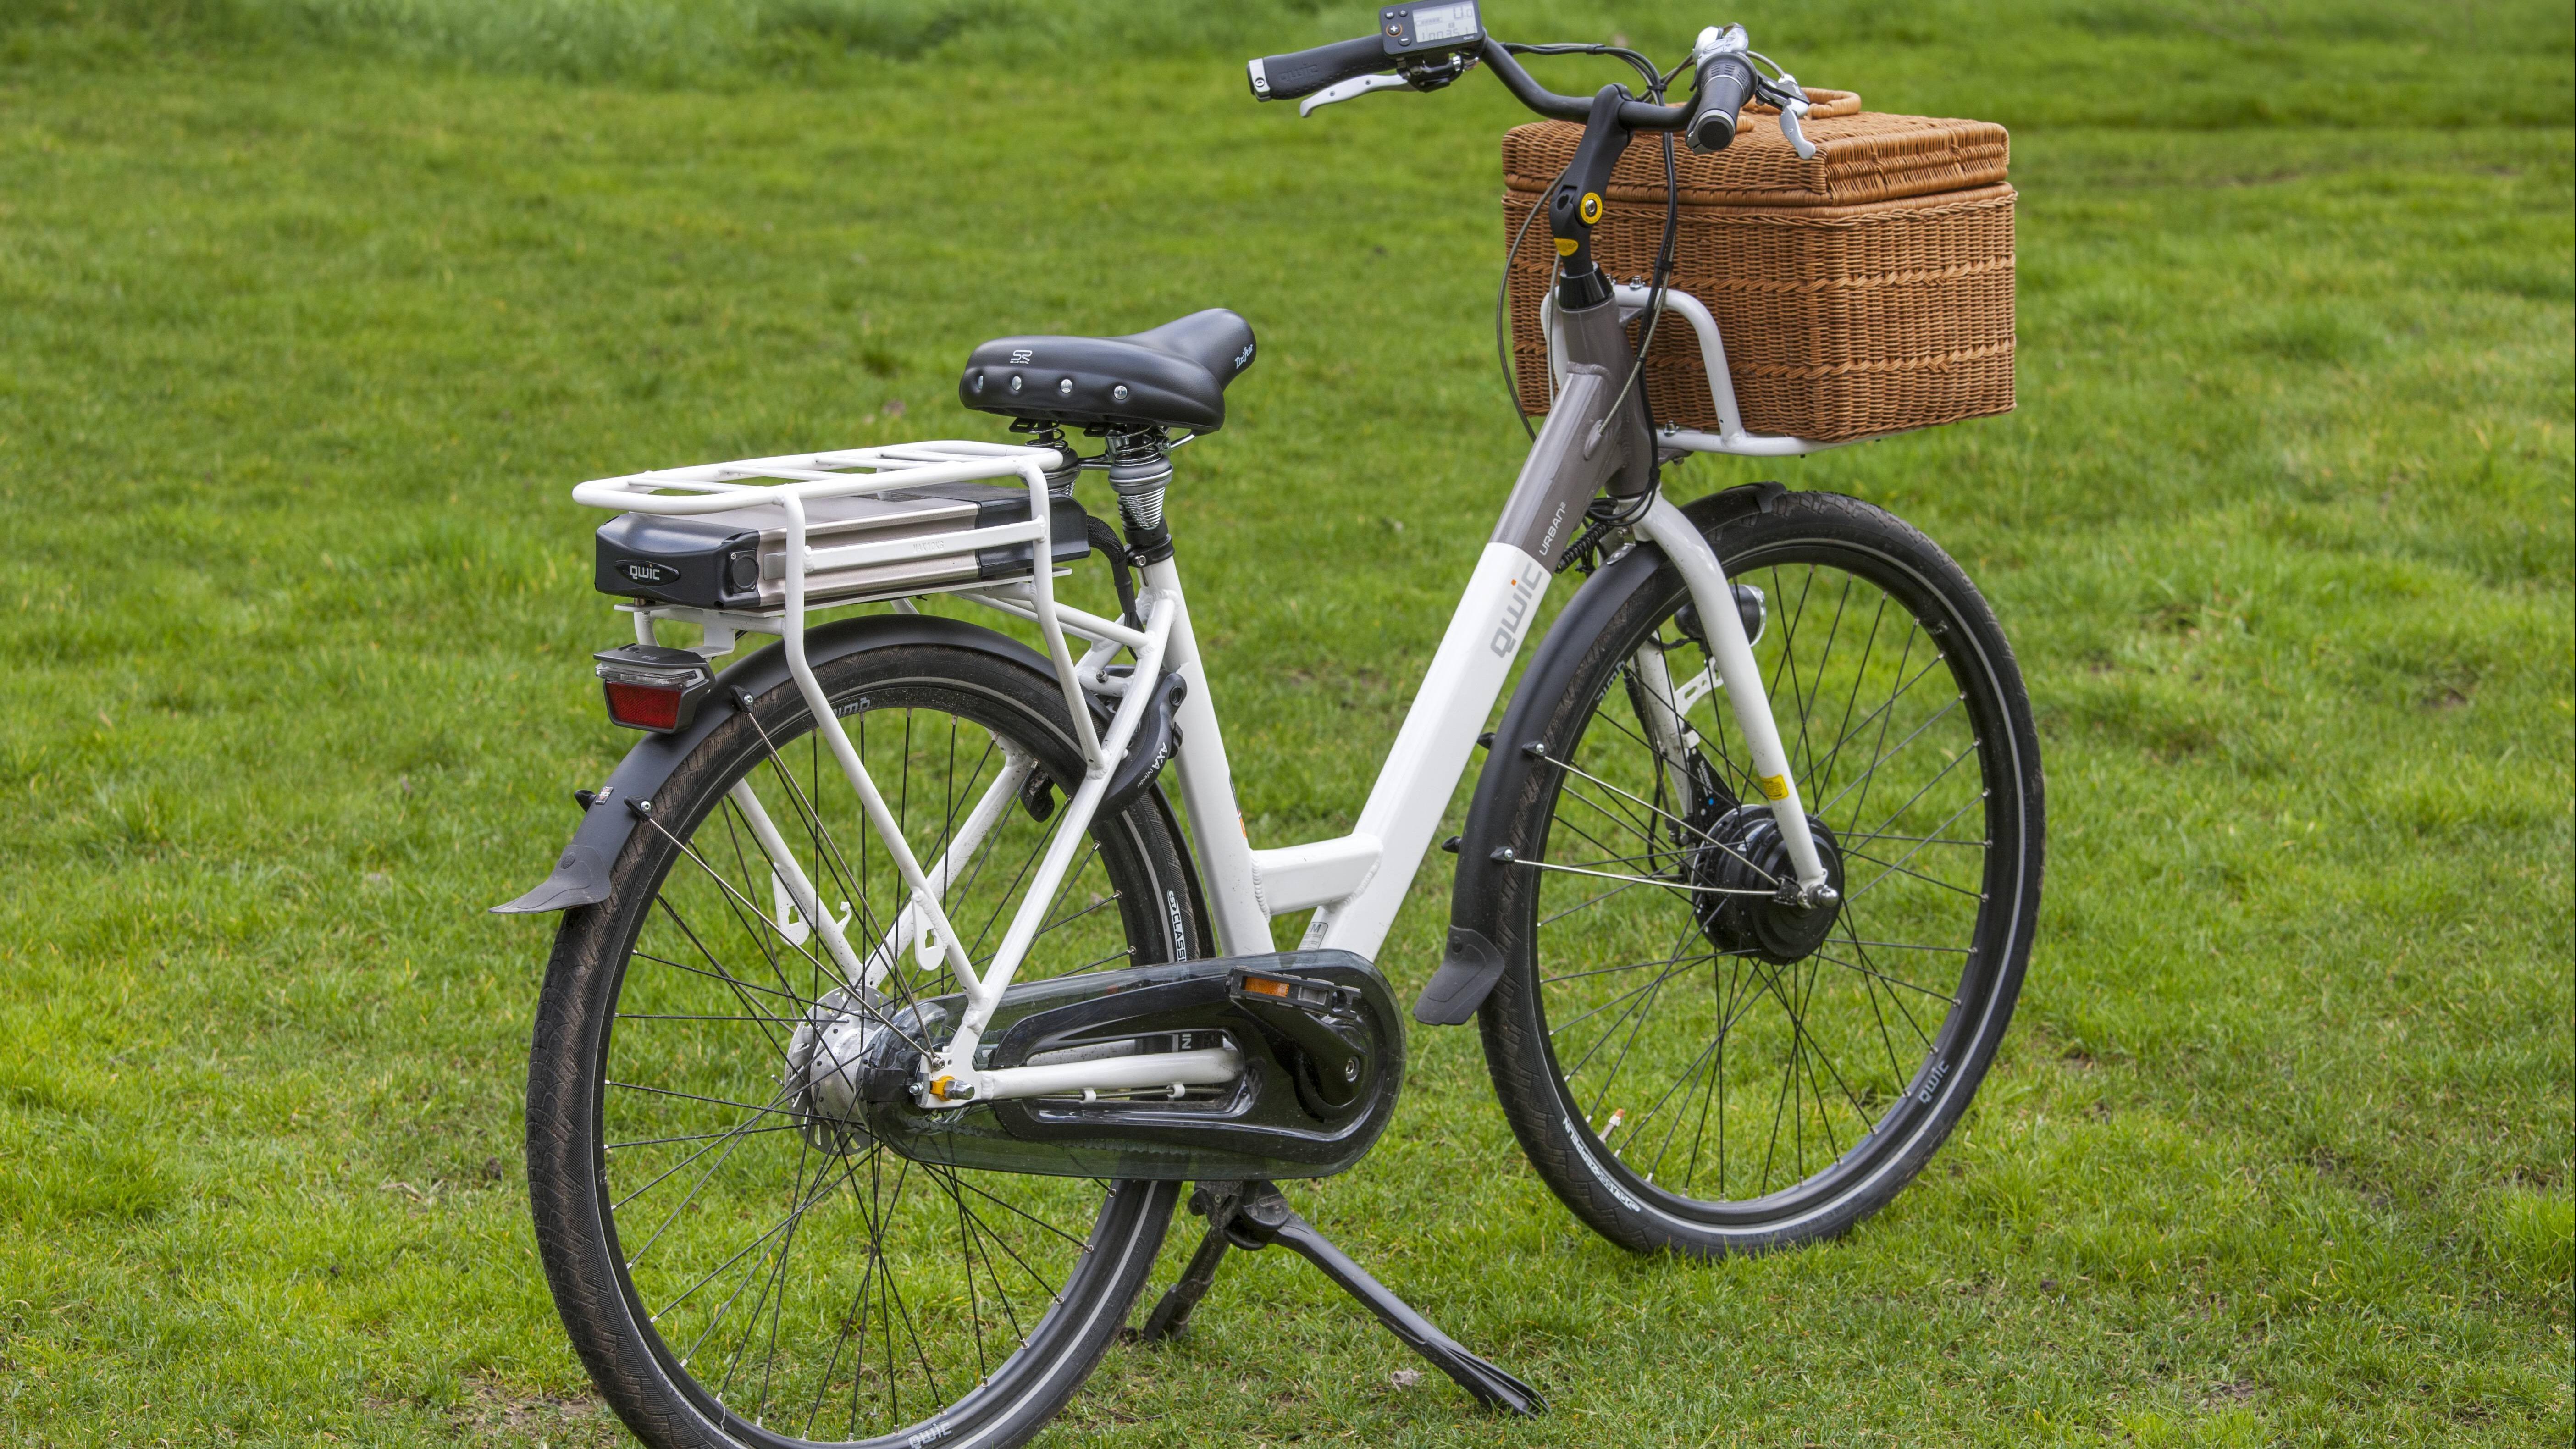 Wegen der Kälte gibt es im Winter beim Fahren mit dem E-Bike einiges zu beachten.